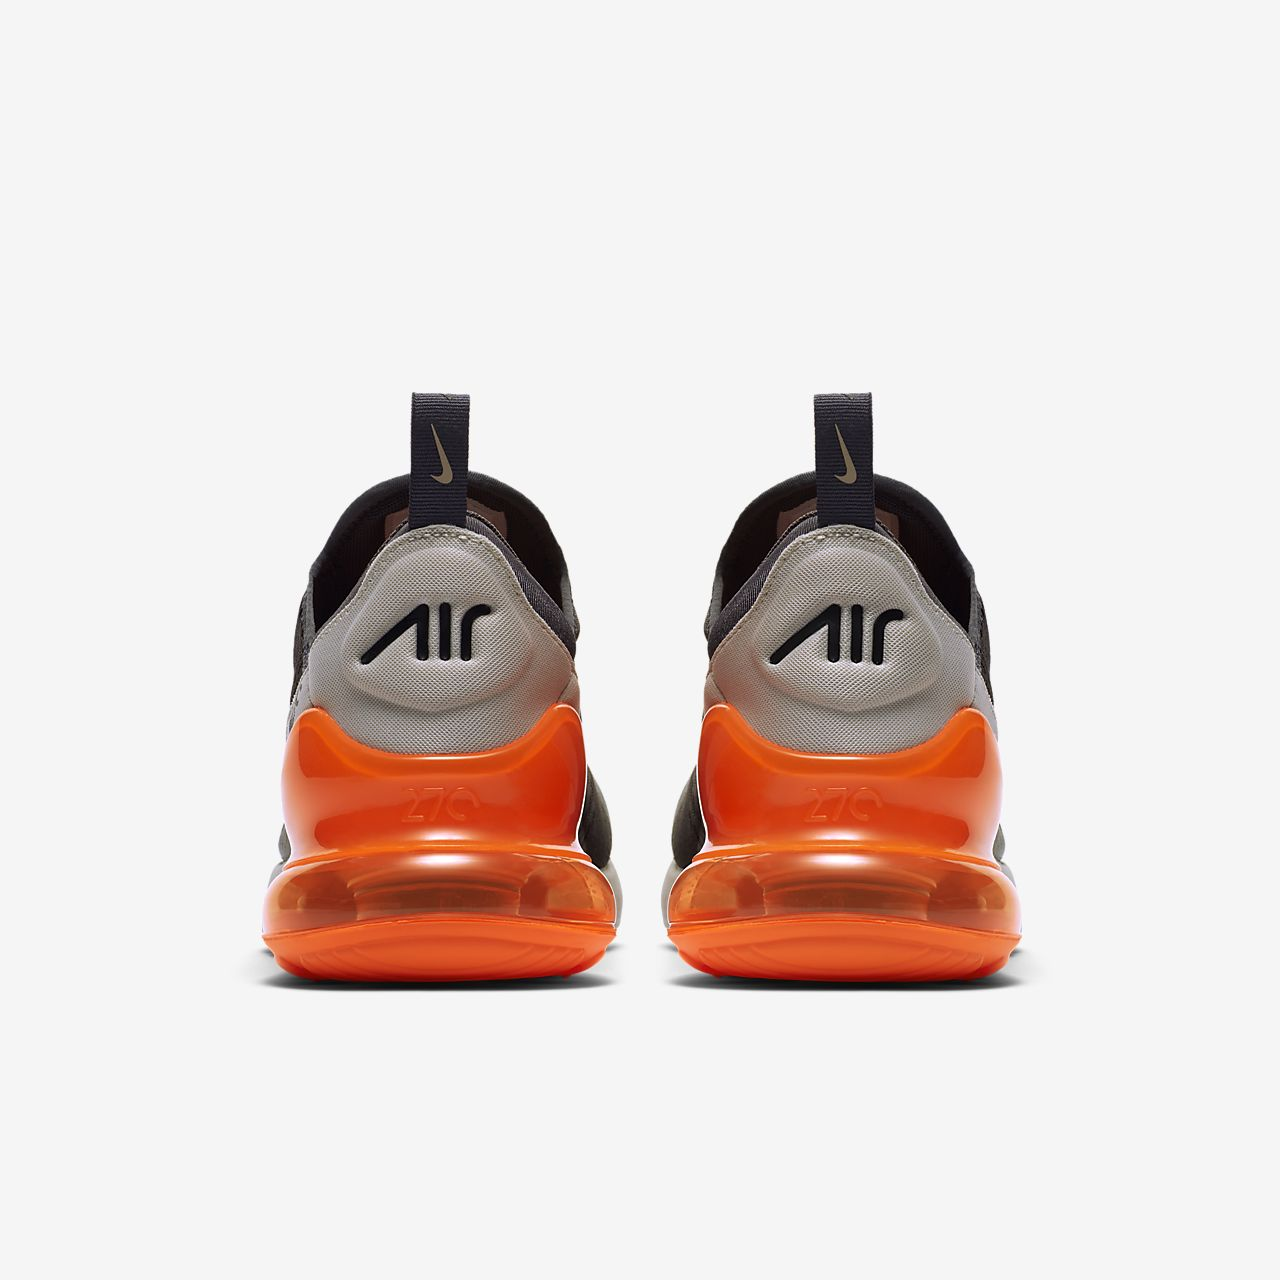 Nike Air Max 270 Herren Sneaker im Laser Fuchsia Colourway für…